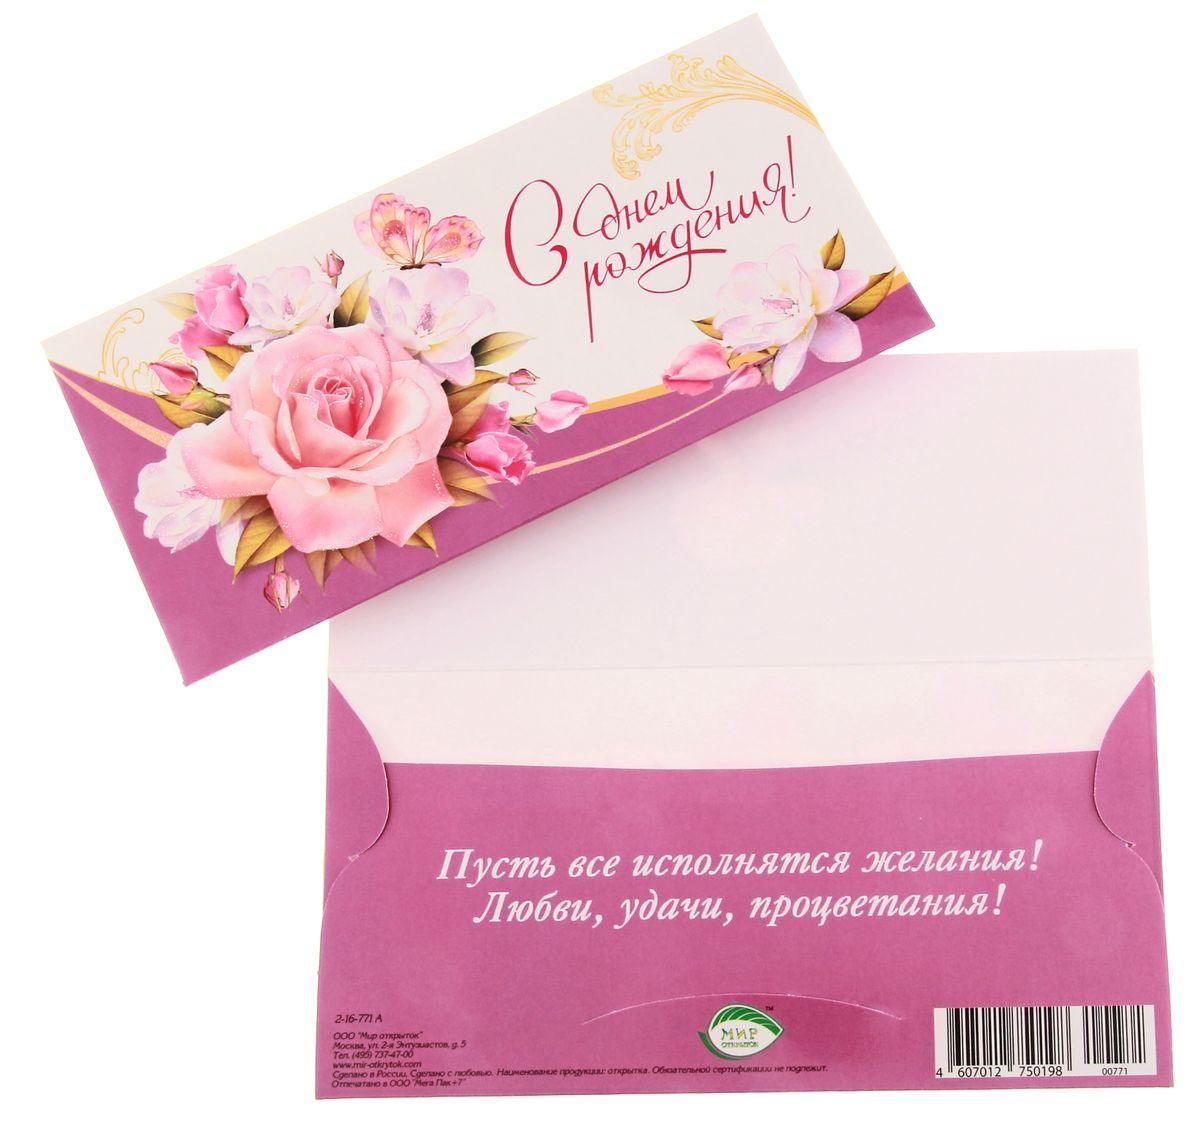 поздравление для конверта с деньгами подруге стороны потерпевших надеется